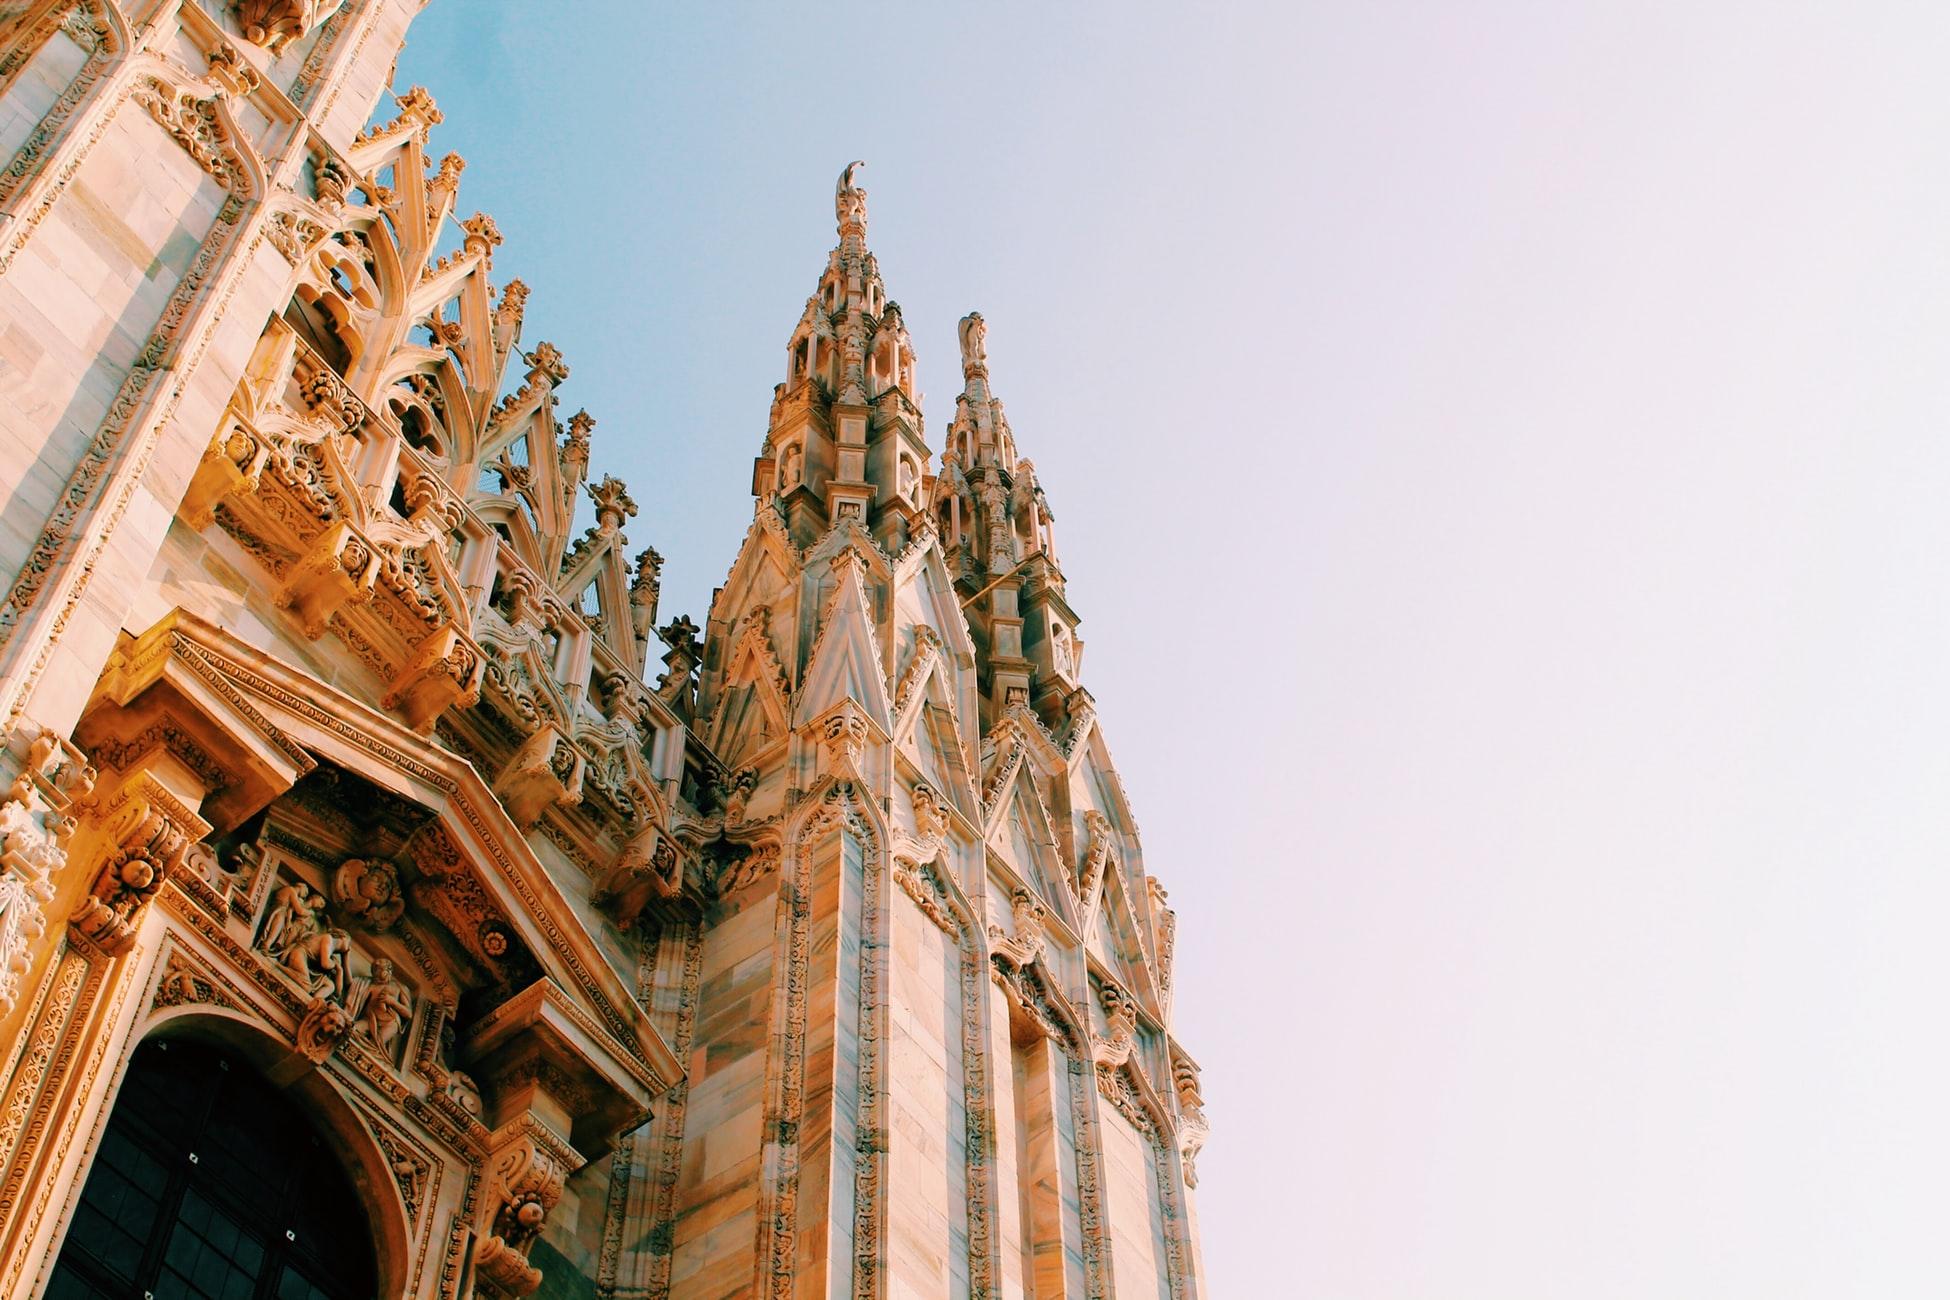 Estate ed Eventi! Eccovi cosa fare questo weekend a Milano e non solo...Un caldo Weekend è in arrivo e come sempre vi vogliamo consigliare i migliori eventi di Milano.